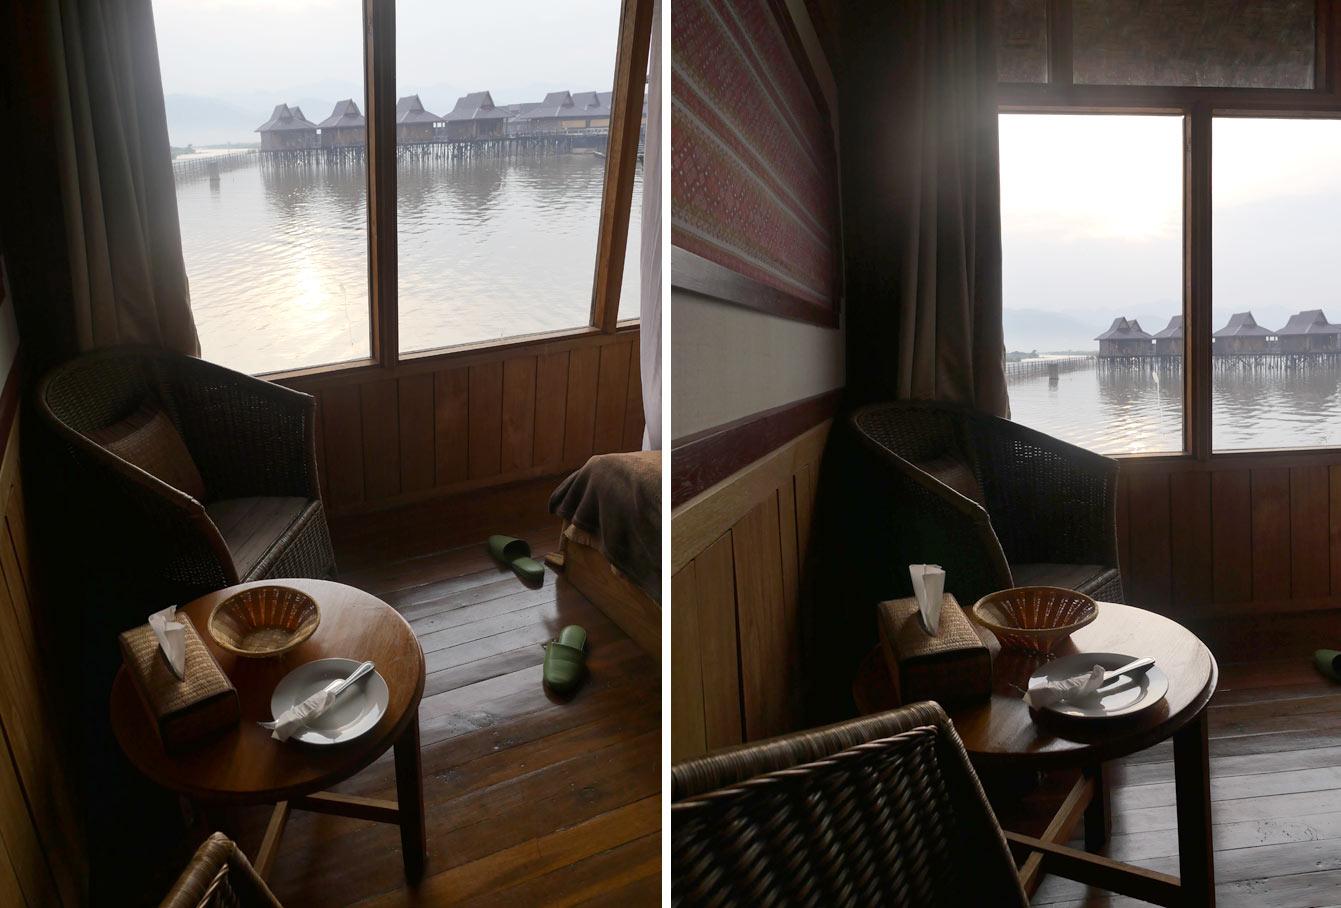 Shwe-Inn-Thar-Hotel-Innlay-Lake-85